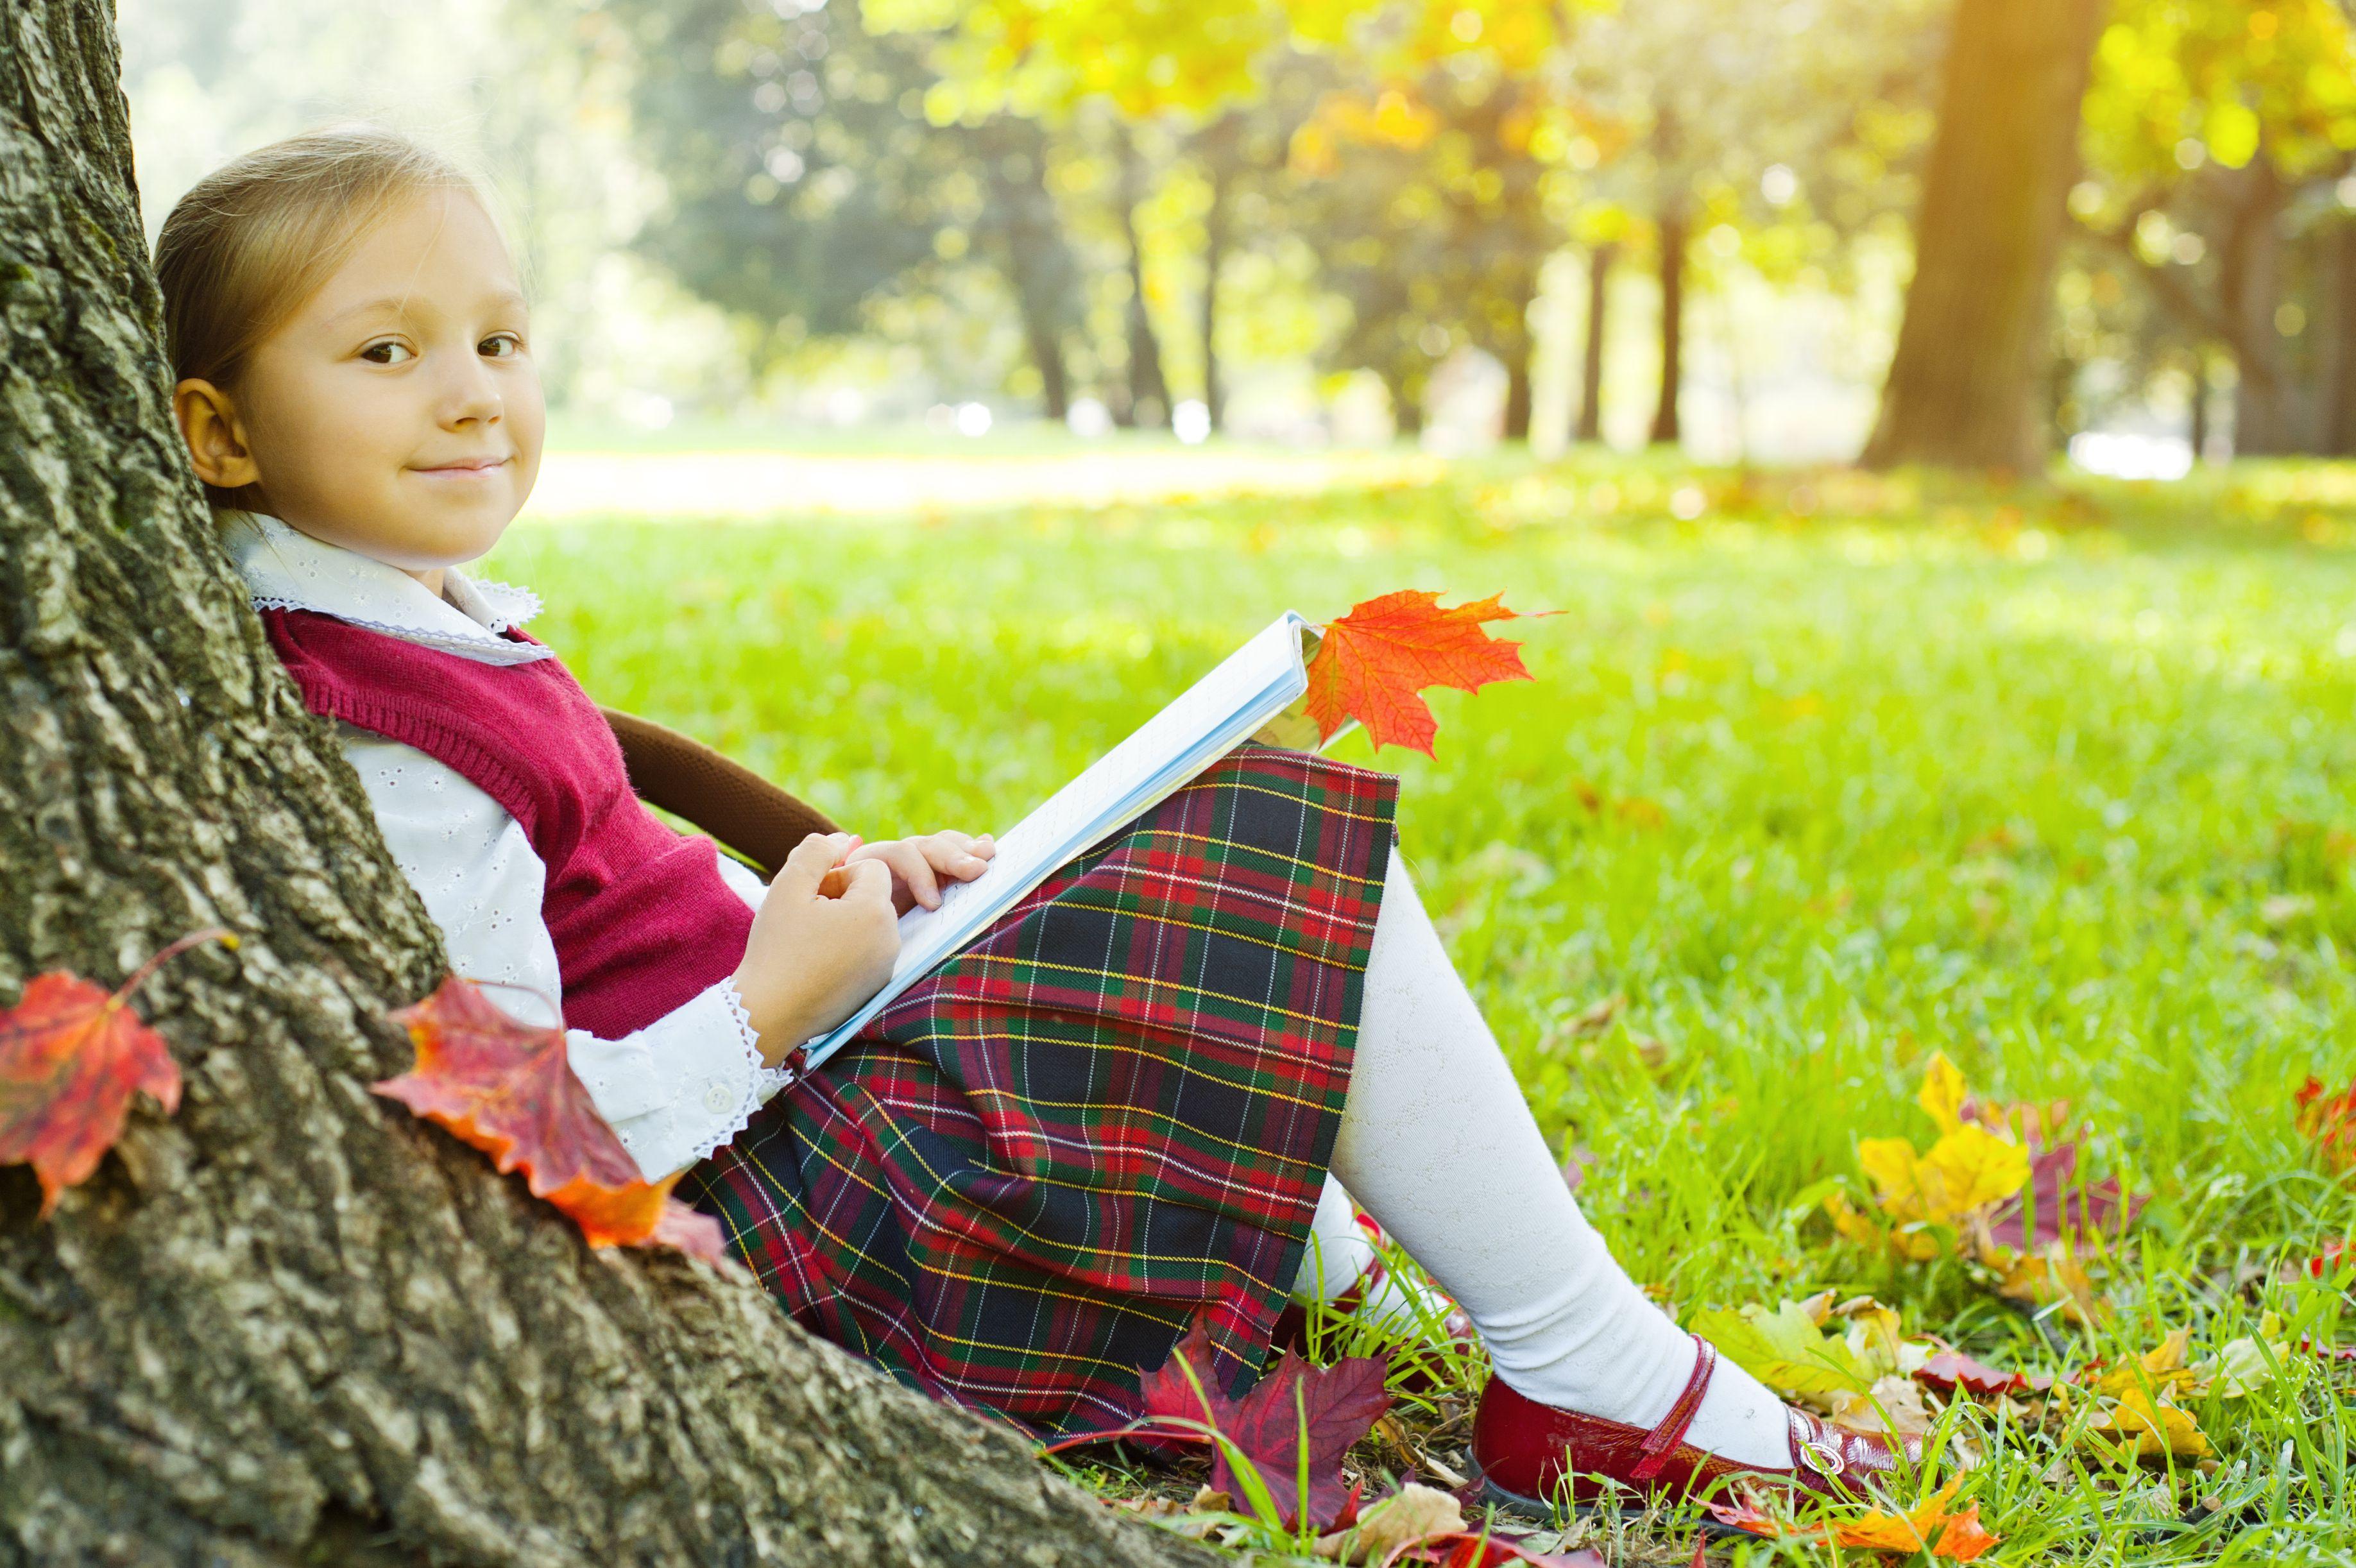 Schoolgirl outdoors